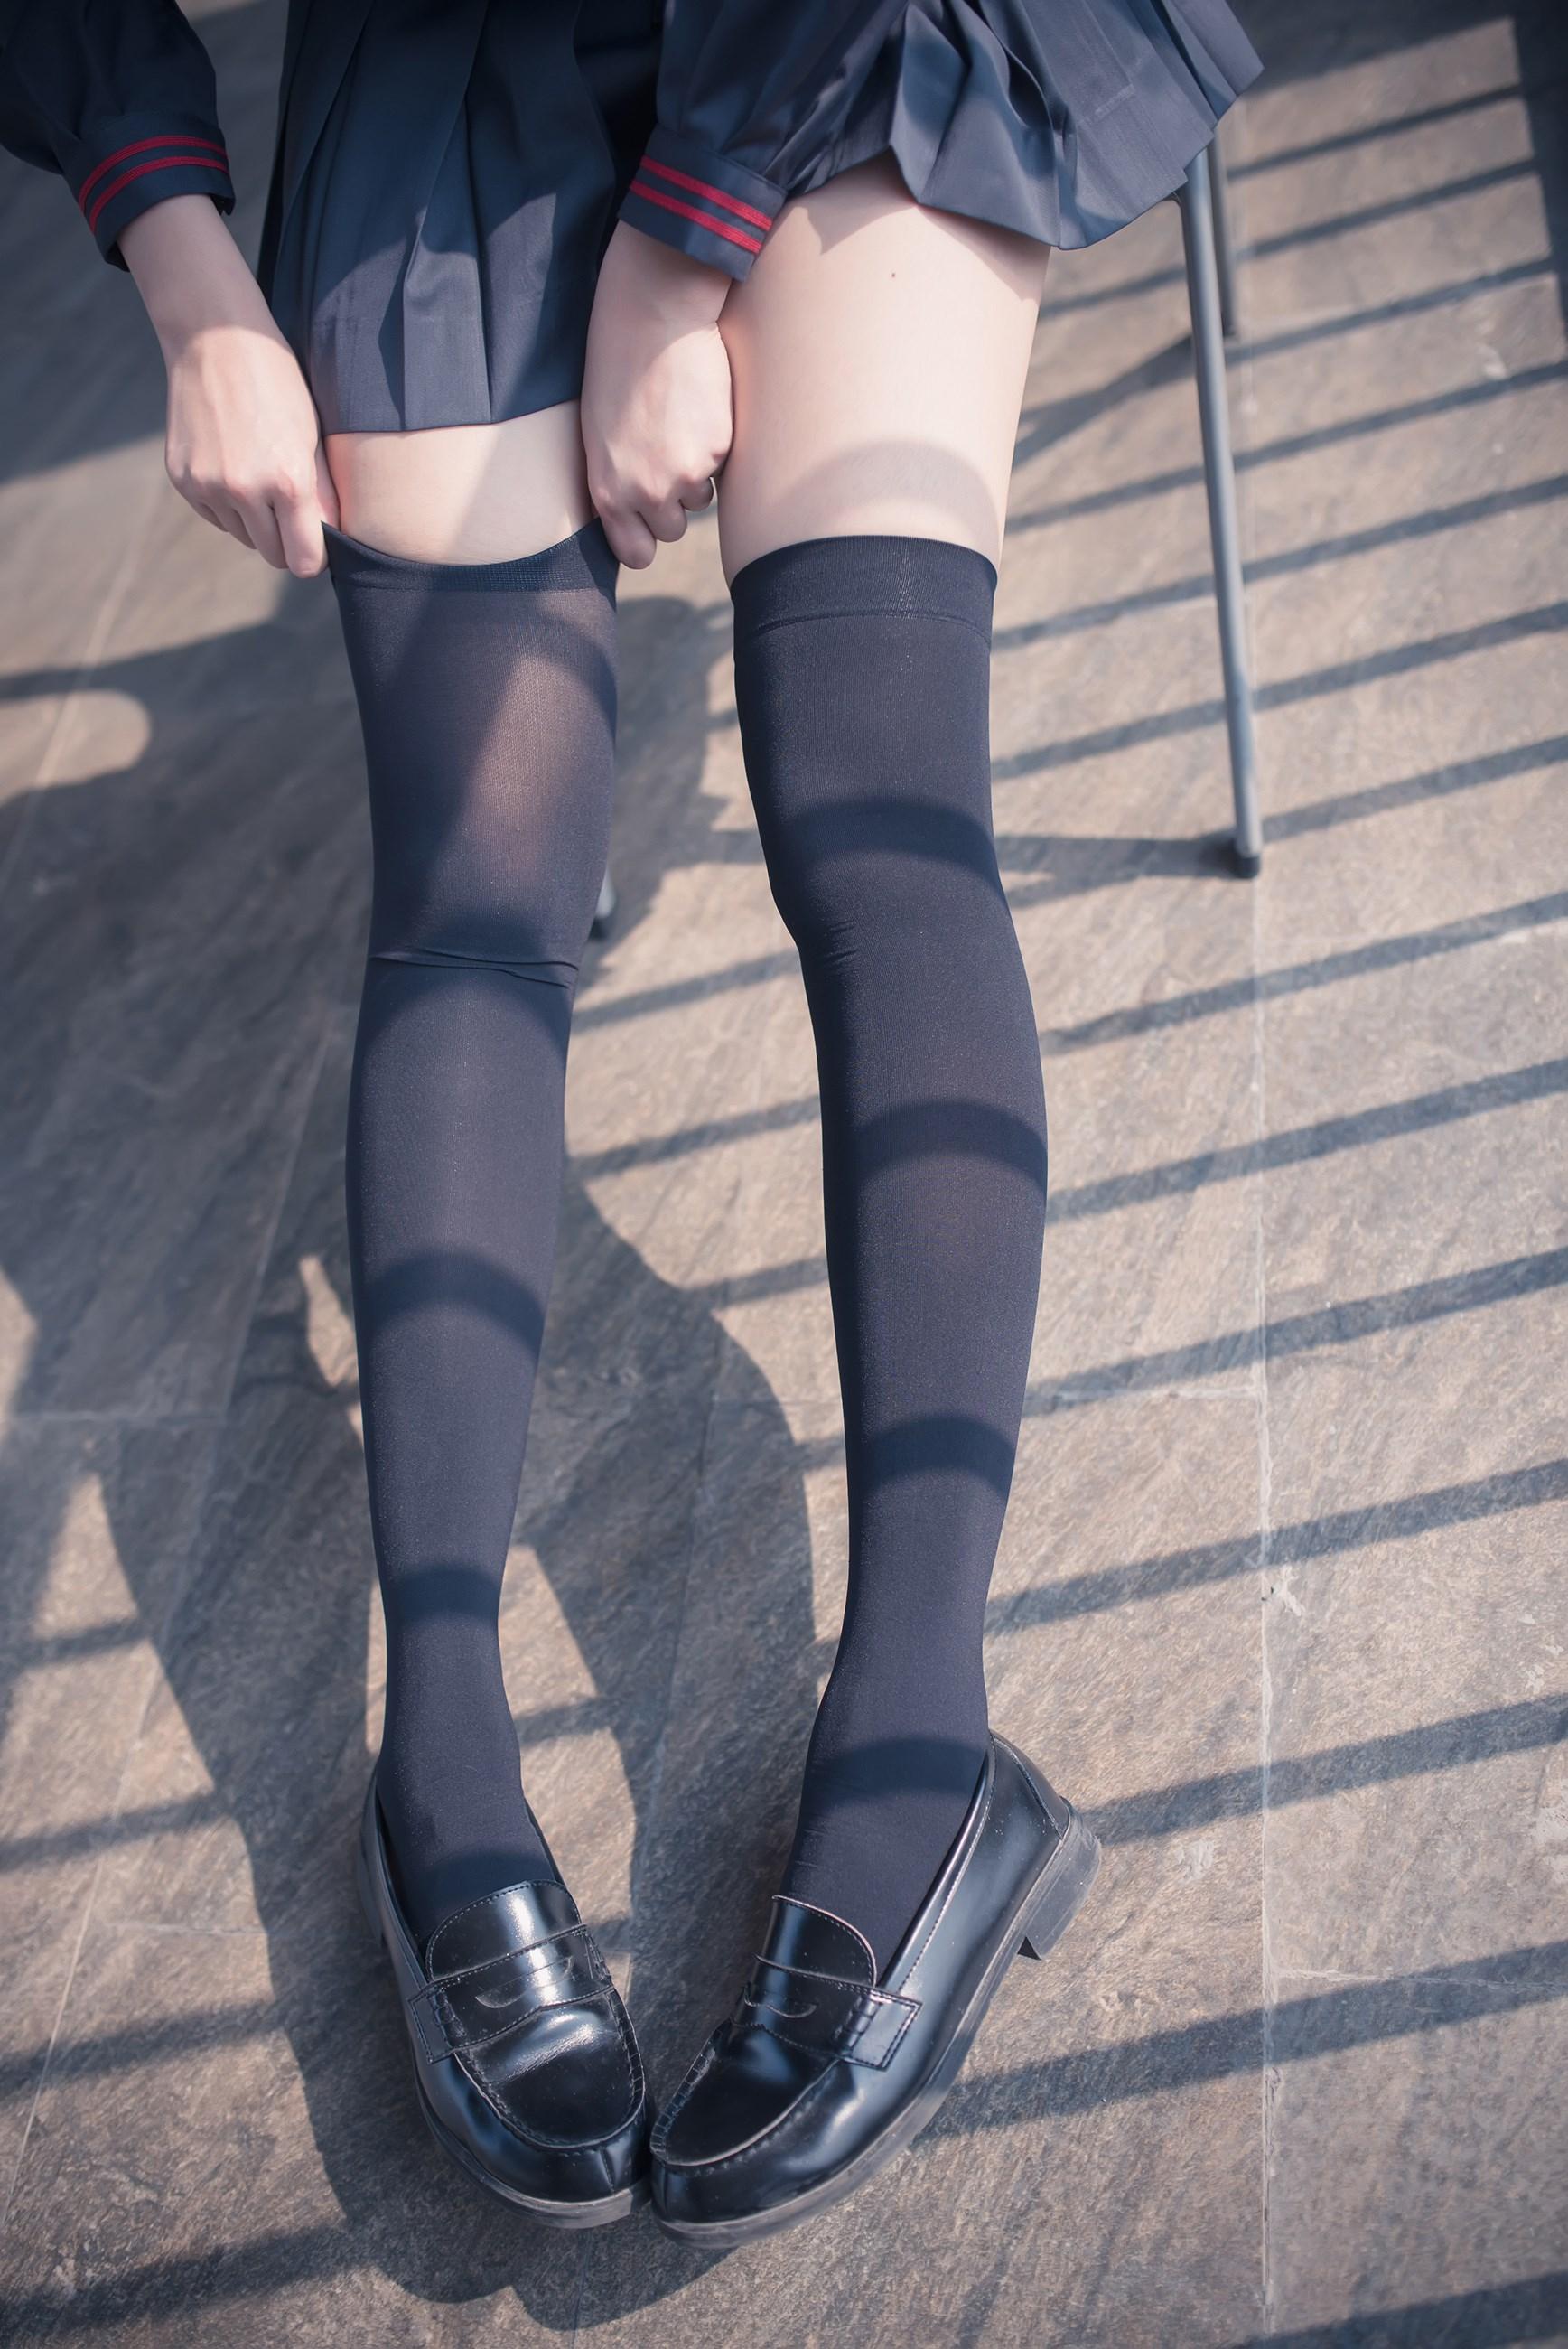 【兔玩映画】黑丝过膝袜 兔玩映画 第20张